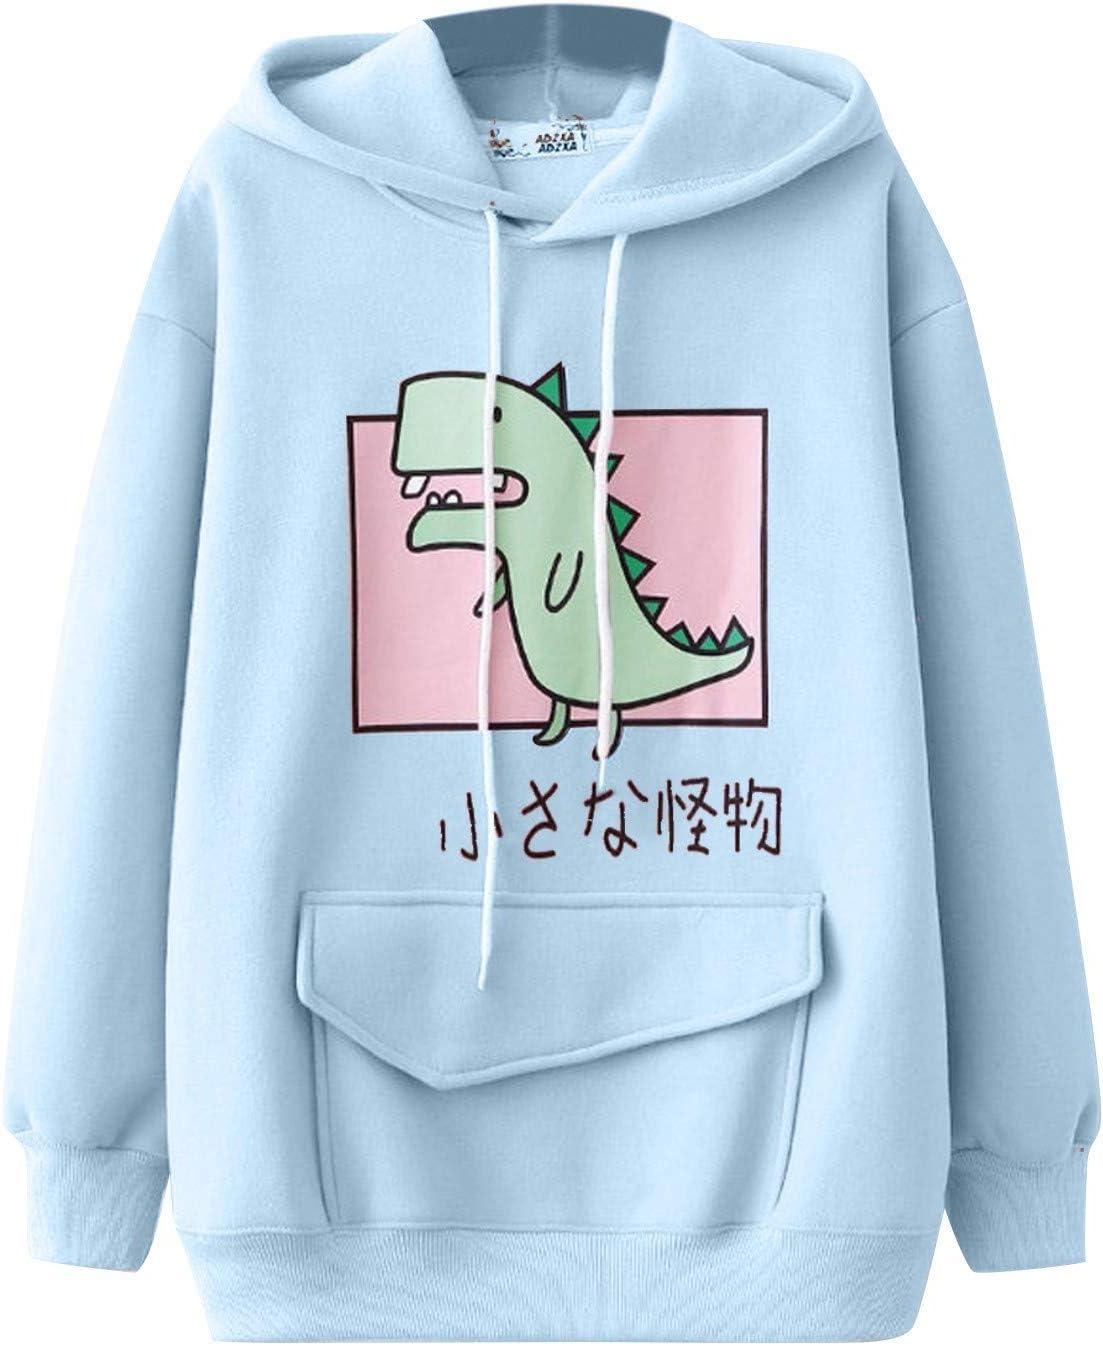 Eoir Sweatshirt for Women Sale Weekly update special price Crew Neck Cute Te Dinosaur